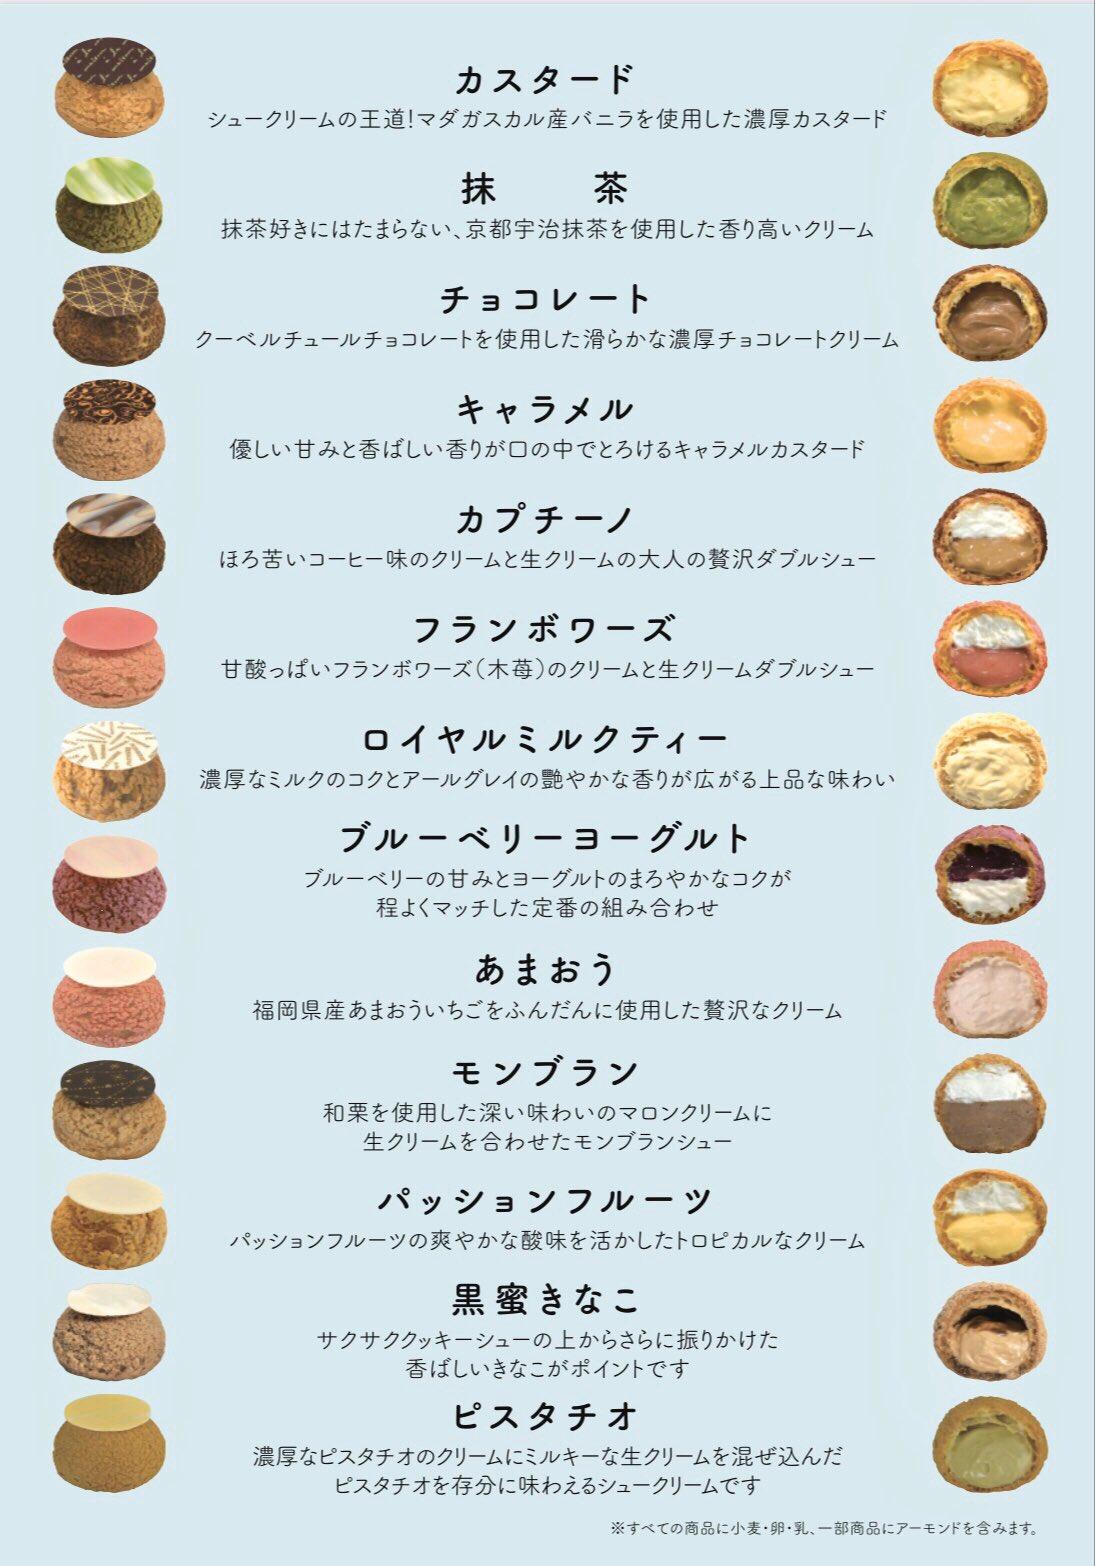 大阪で「シュークリーム専門店」をいている23歳の若きオーナー!落ち着いたらぜひきてください!